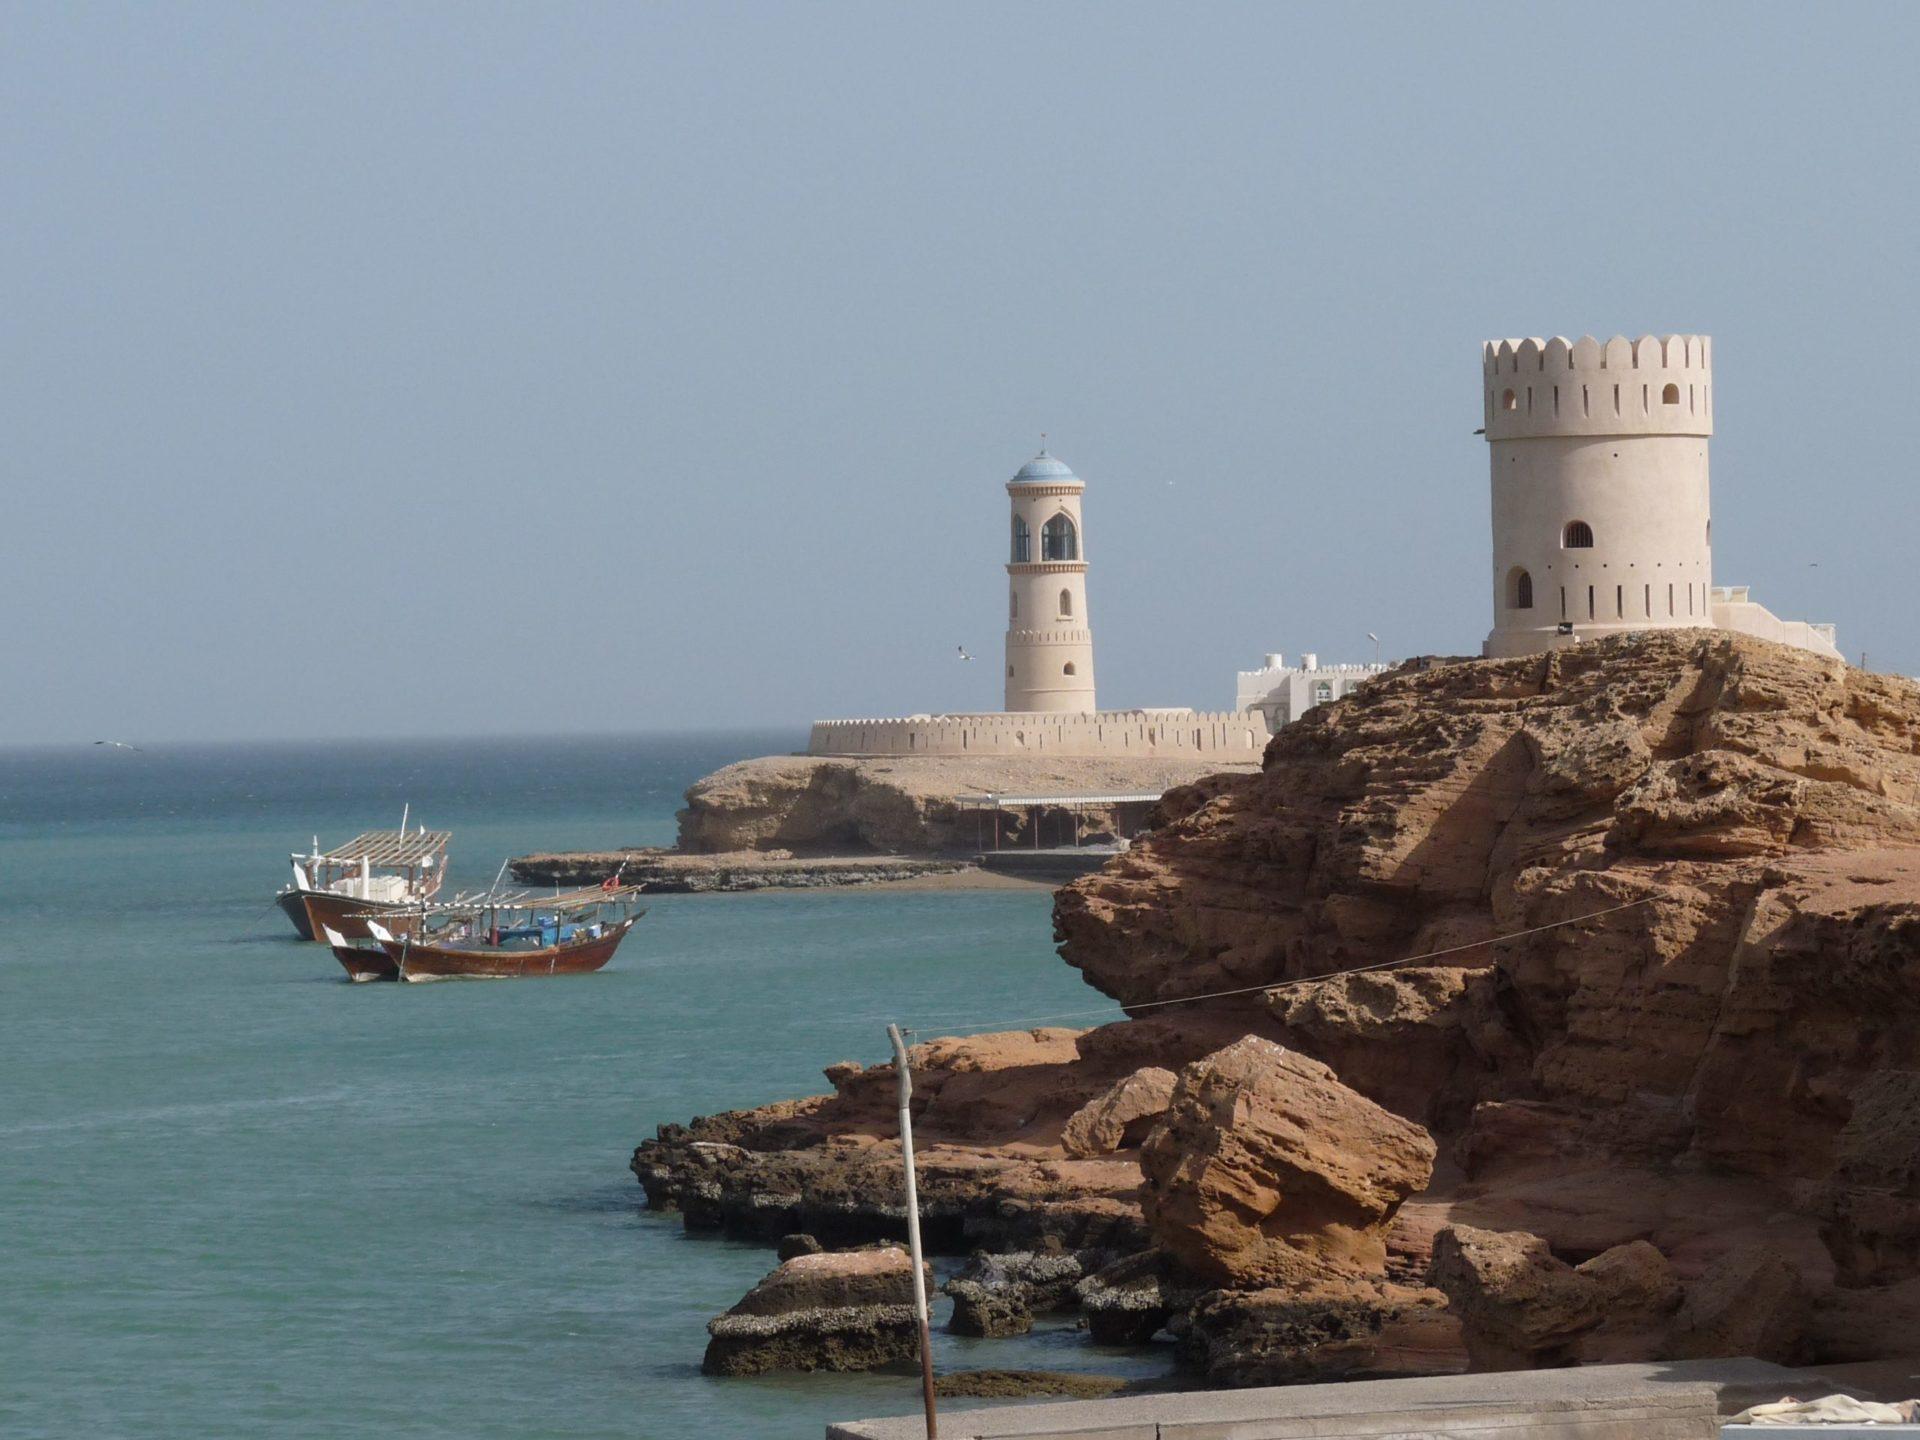 Wassertemperatur Oman: Felsküste in Sur mit dem Leuchtturm von Al Ayjah